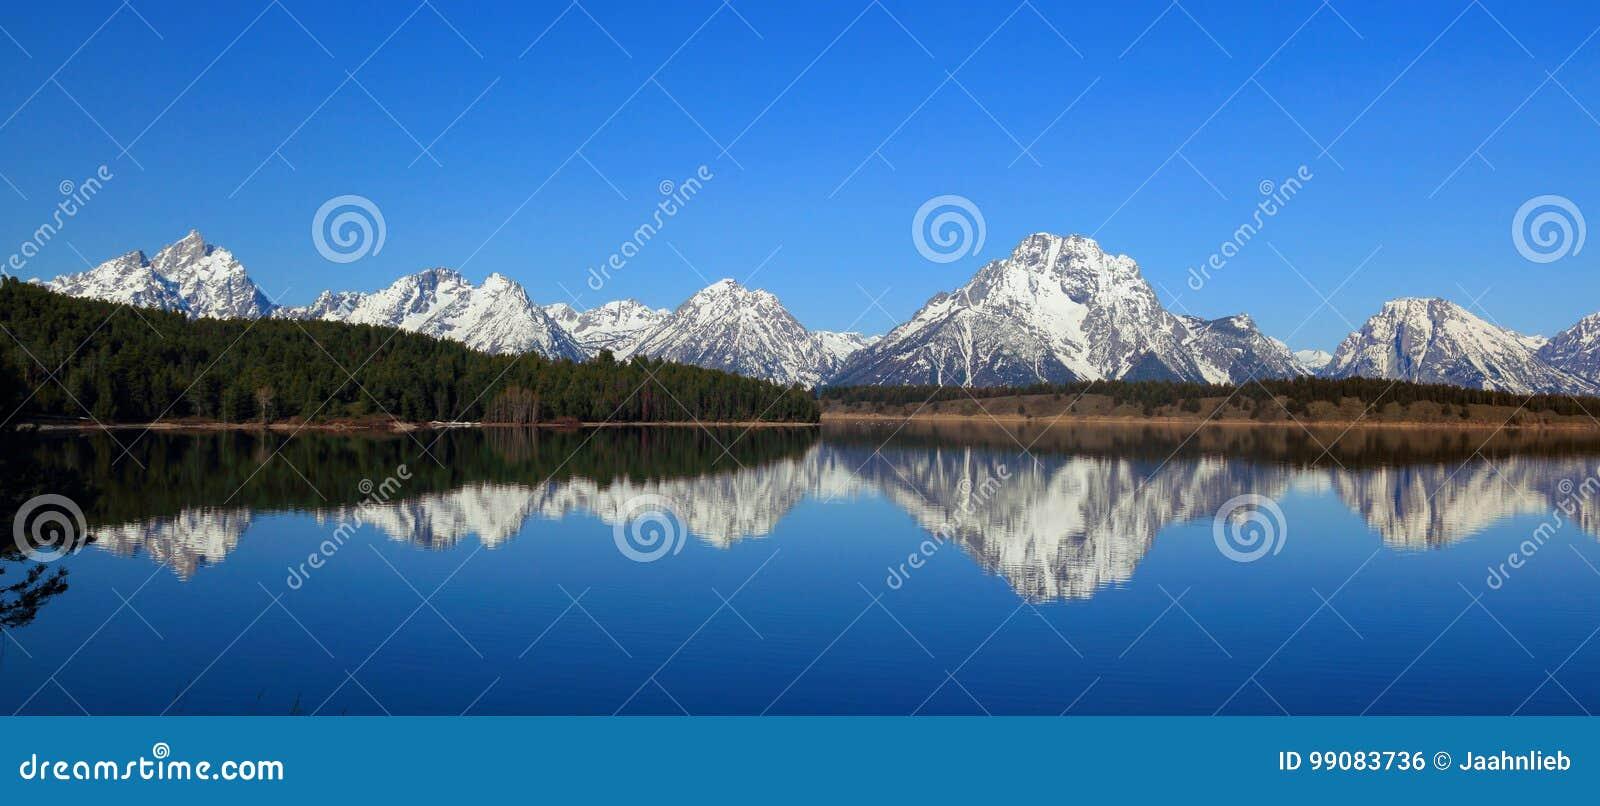 Mount Moran reflected in Jackson Lake, Grand Teton National Park, Wyoming